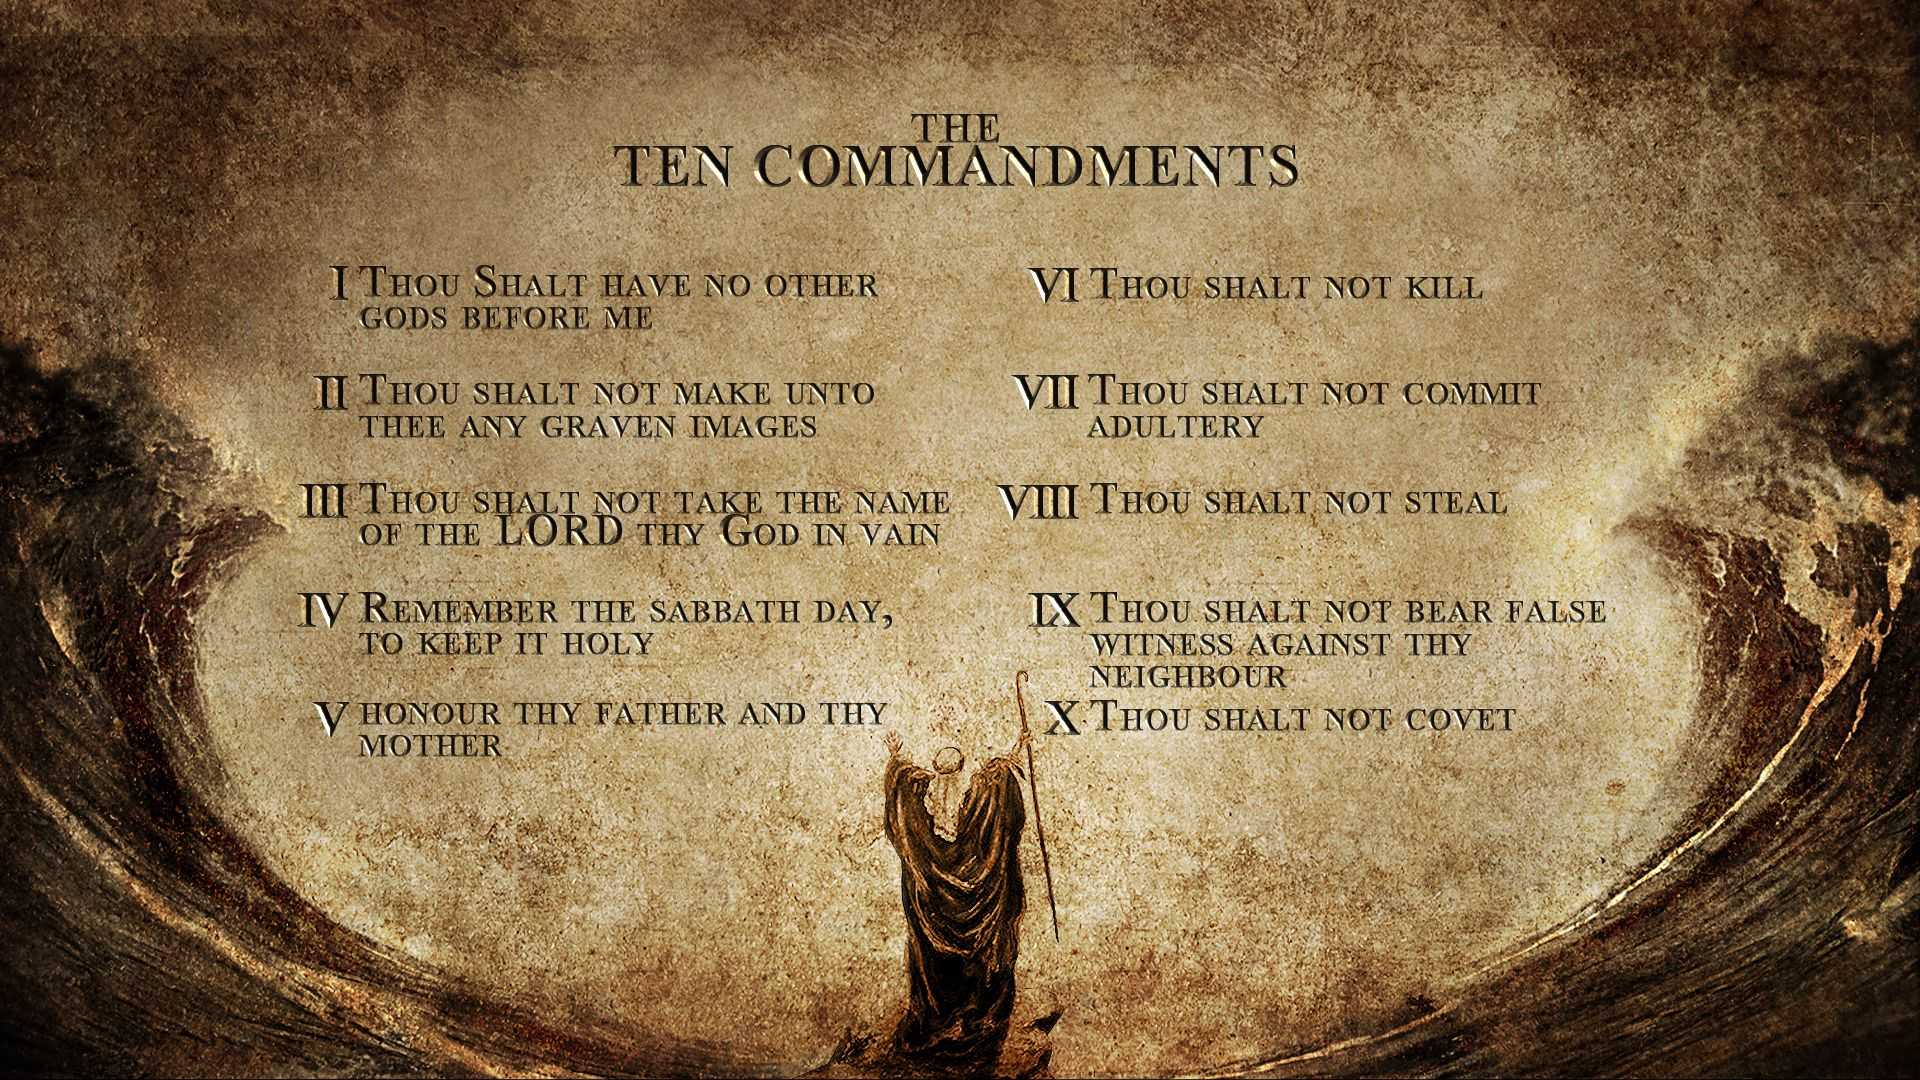 10 Commandments Ten Commandments Read Bible Bible